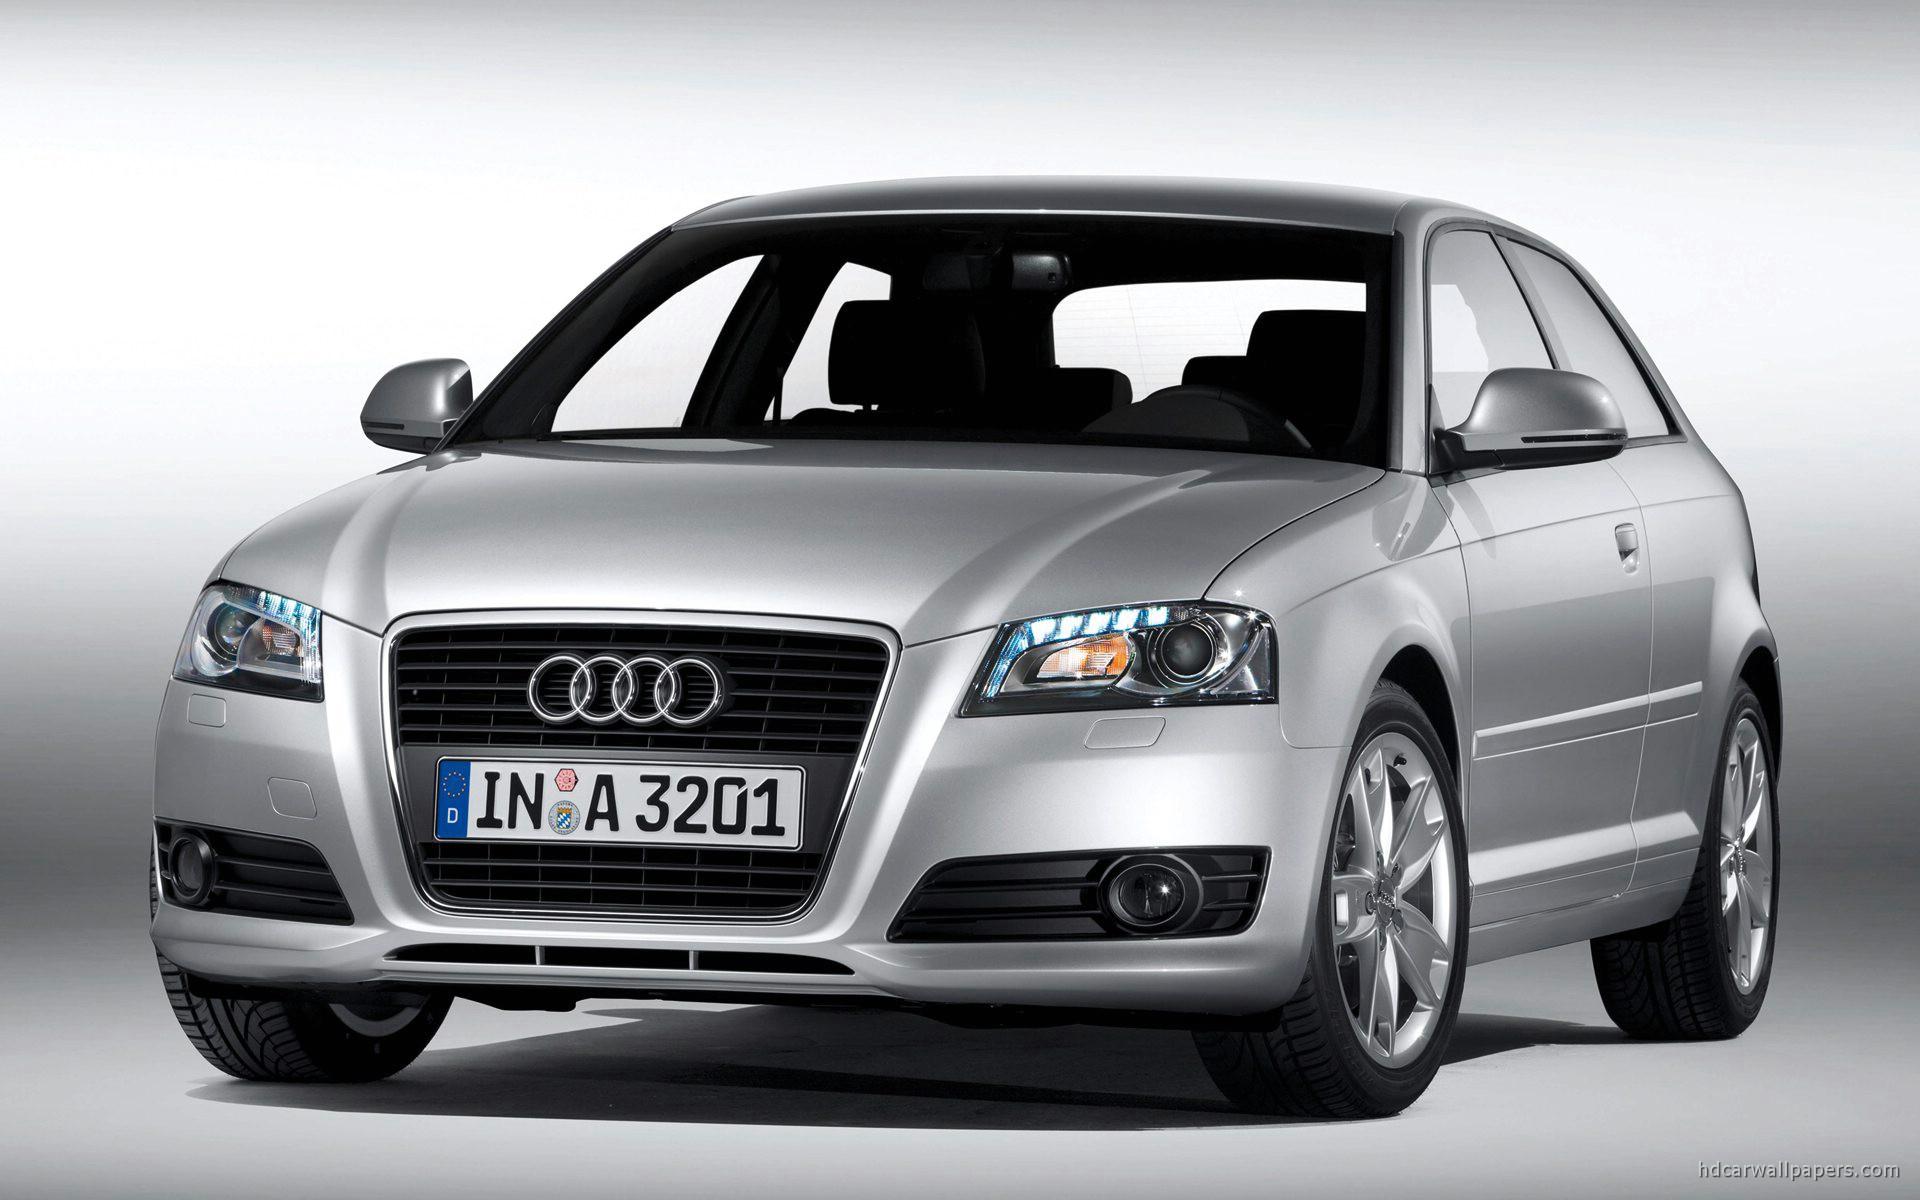 Audi A3 Wallpaper HD Car Wallpapers 1920x1200